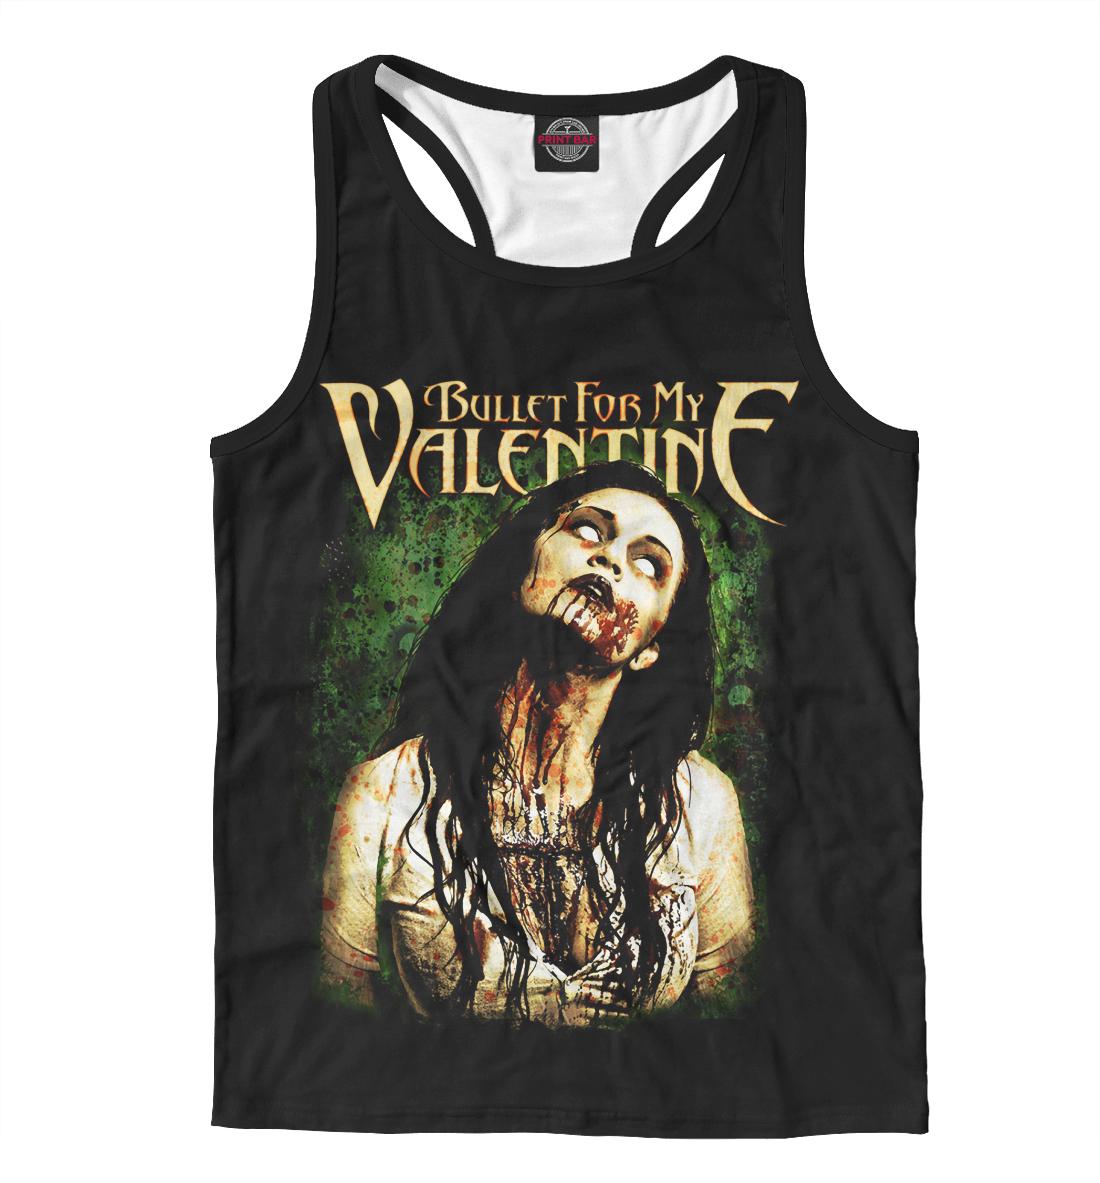 Купить Bullet for My Valentine, Printbar, Майки борцовки, BMV-291345-mayb-2